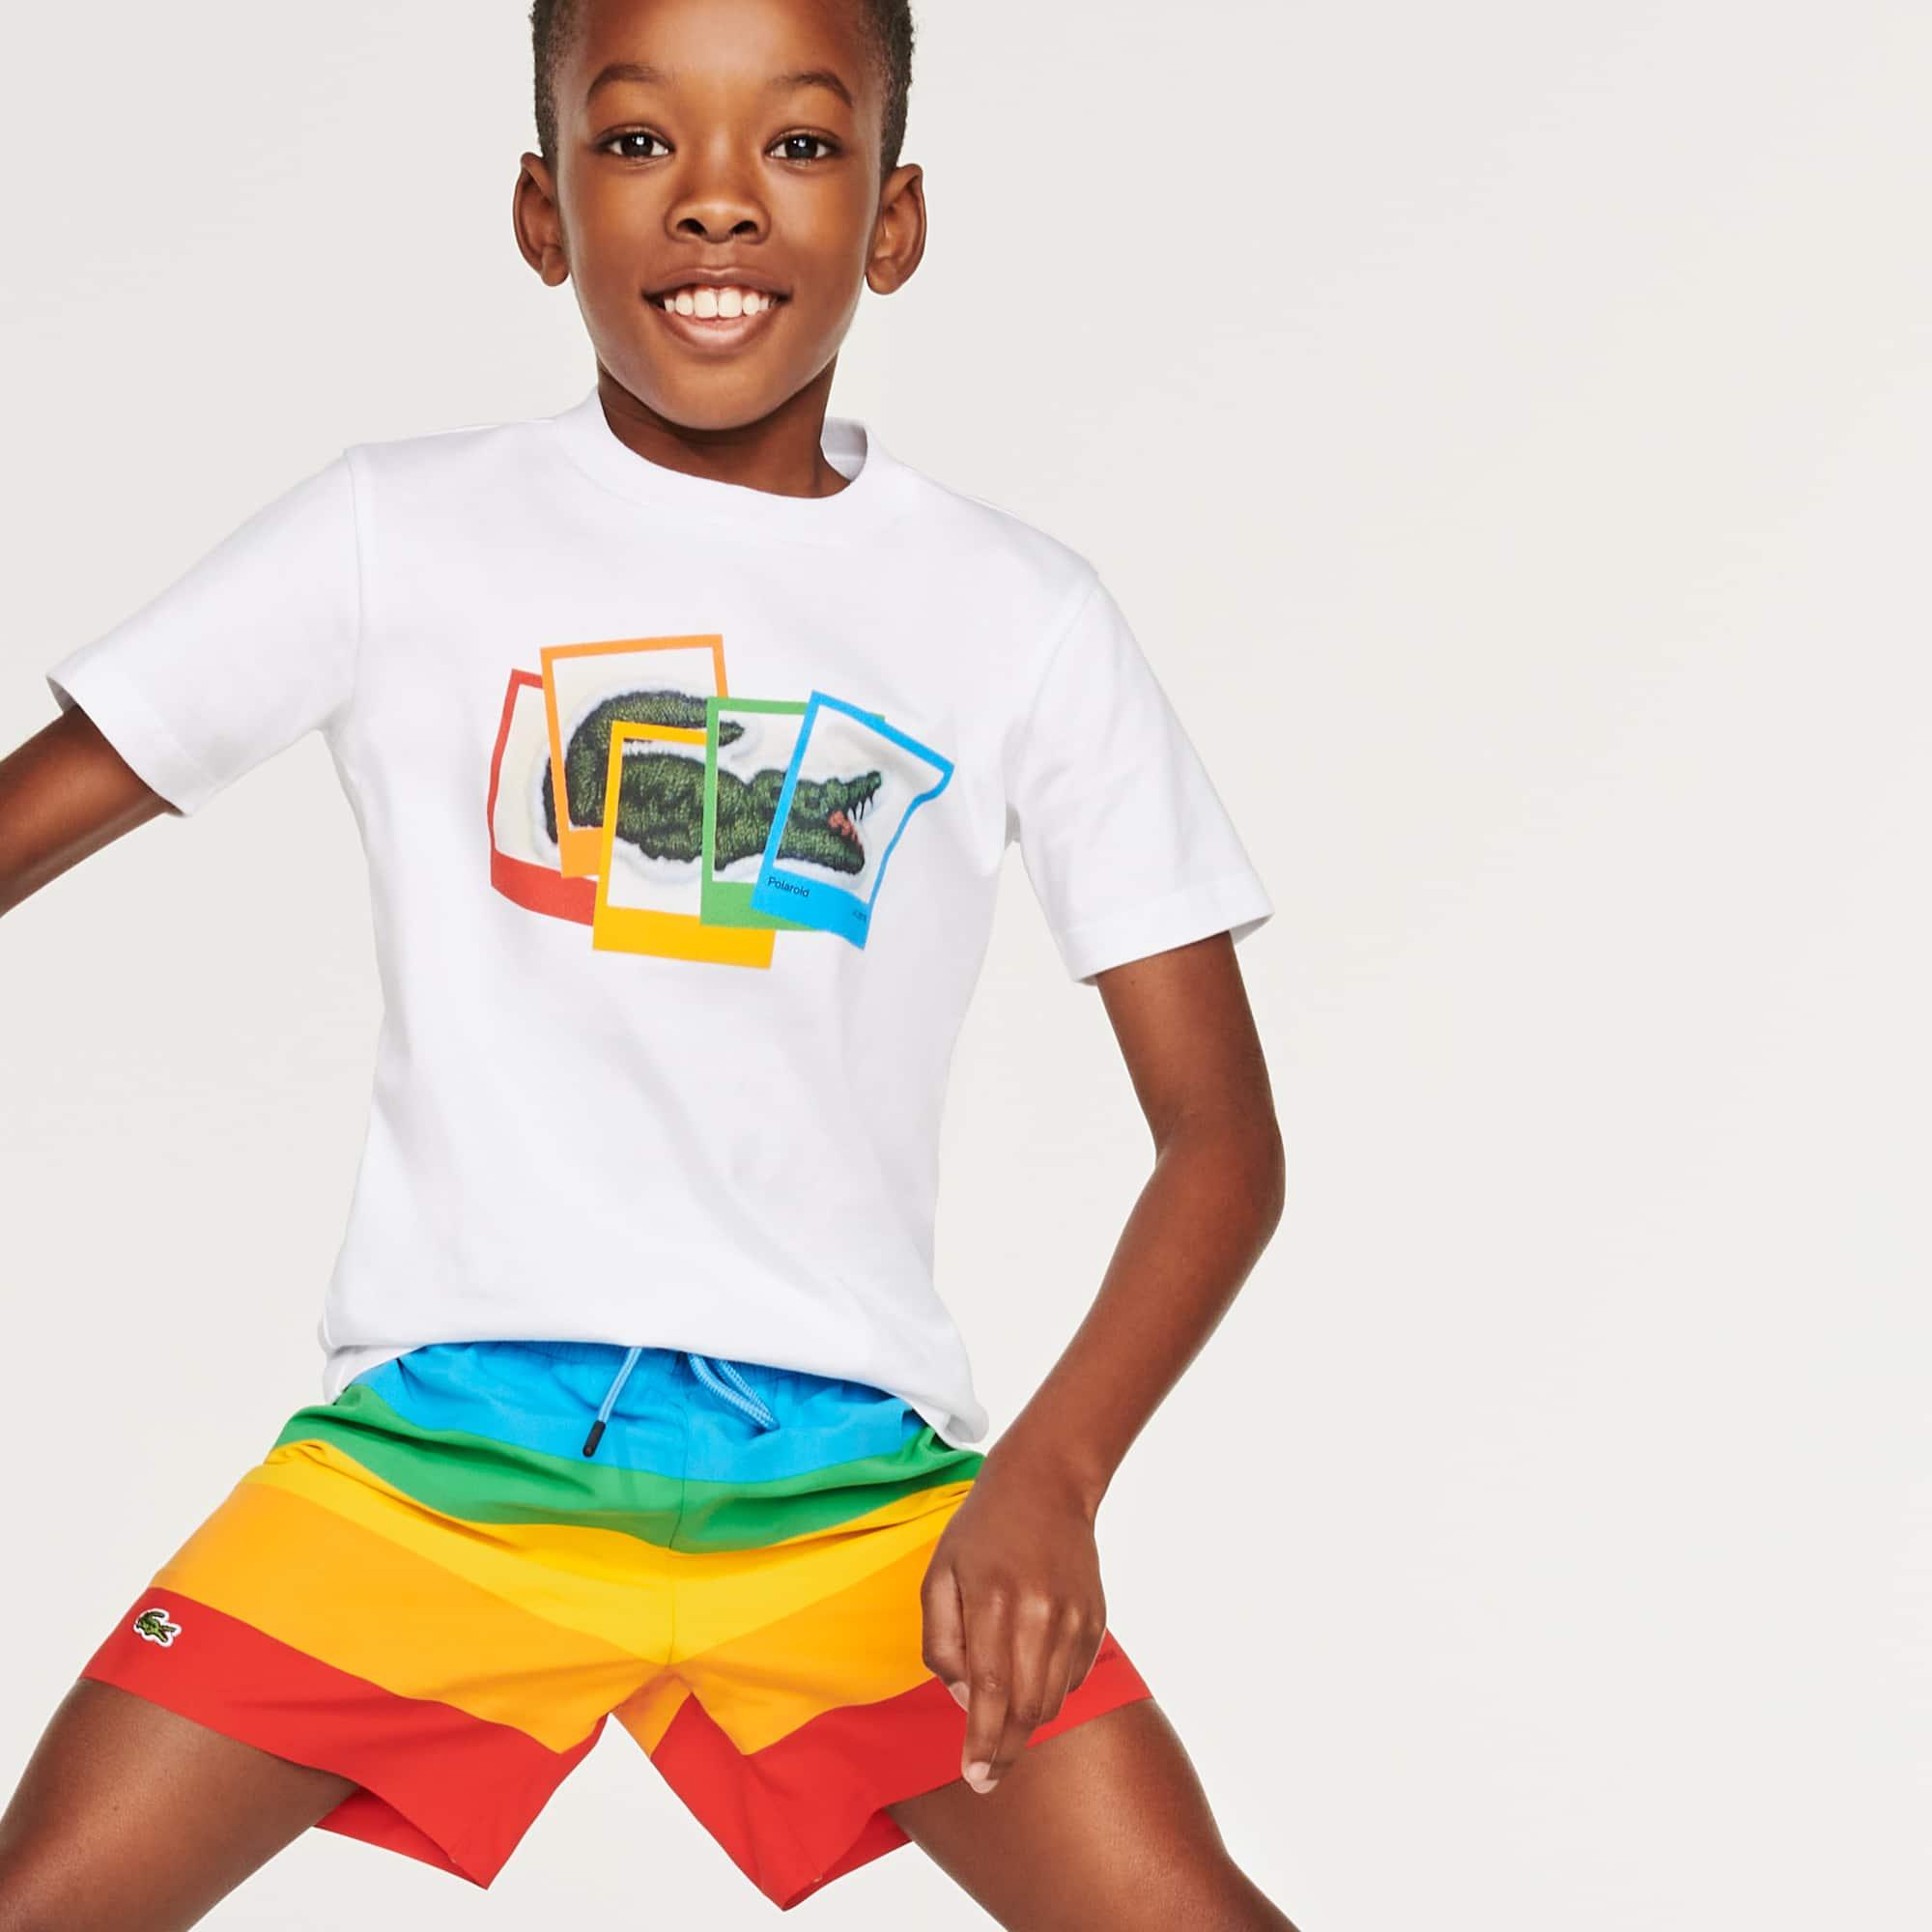 라코스테 X 폴라로이드 콜라보 키즈 티셔츠 Boys' Lacoste x Polaroid Print Cotton T-shirt, White